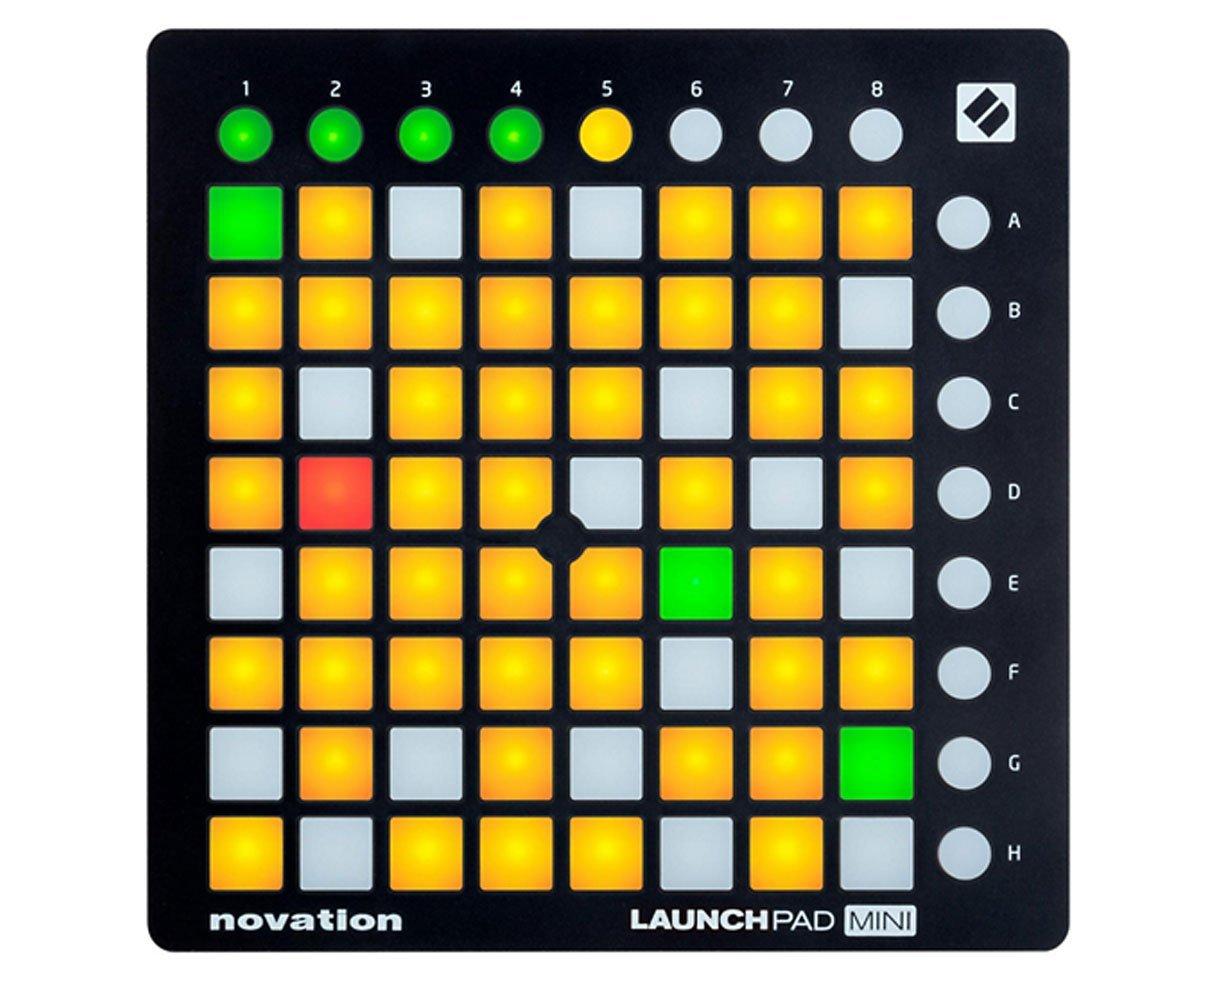 Novation LAUNCHPAD MINI MK2 MKII REFURB B3 USB MIDI DJ Controller 64-Pad (Renewed) by Novation